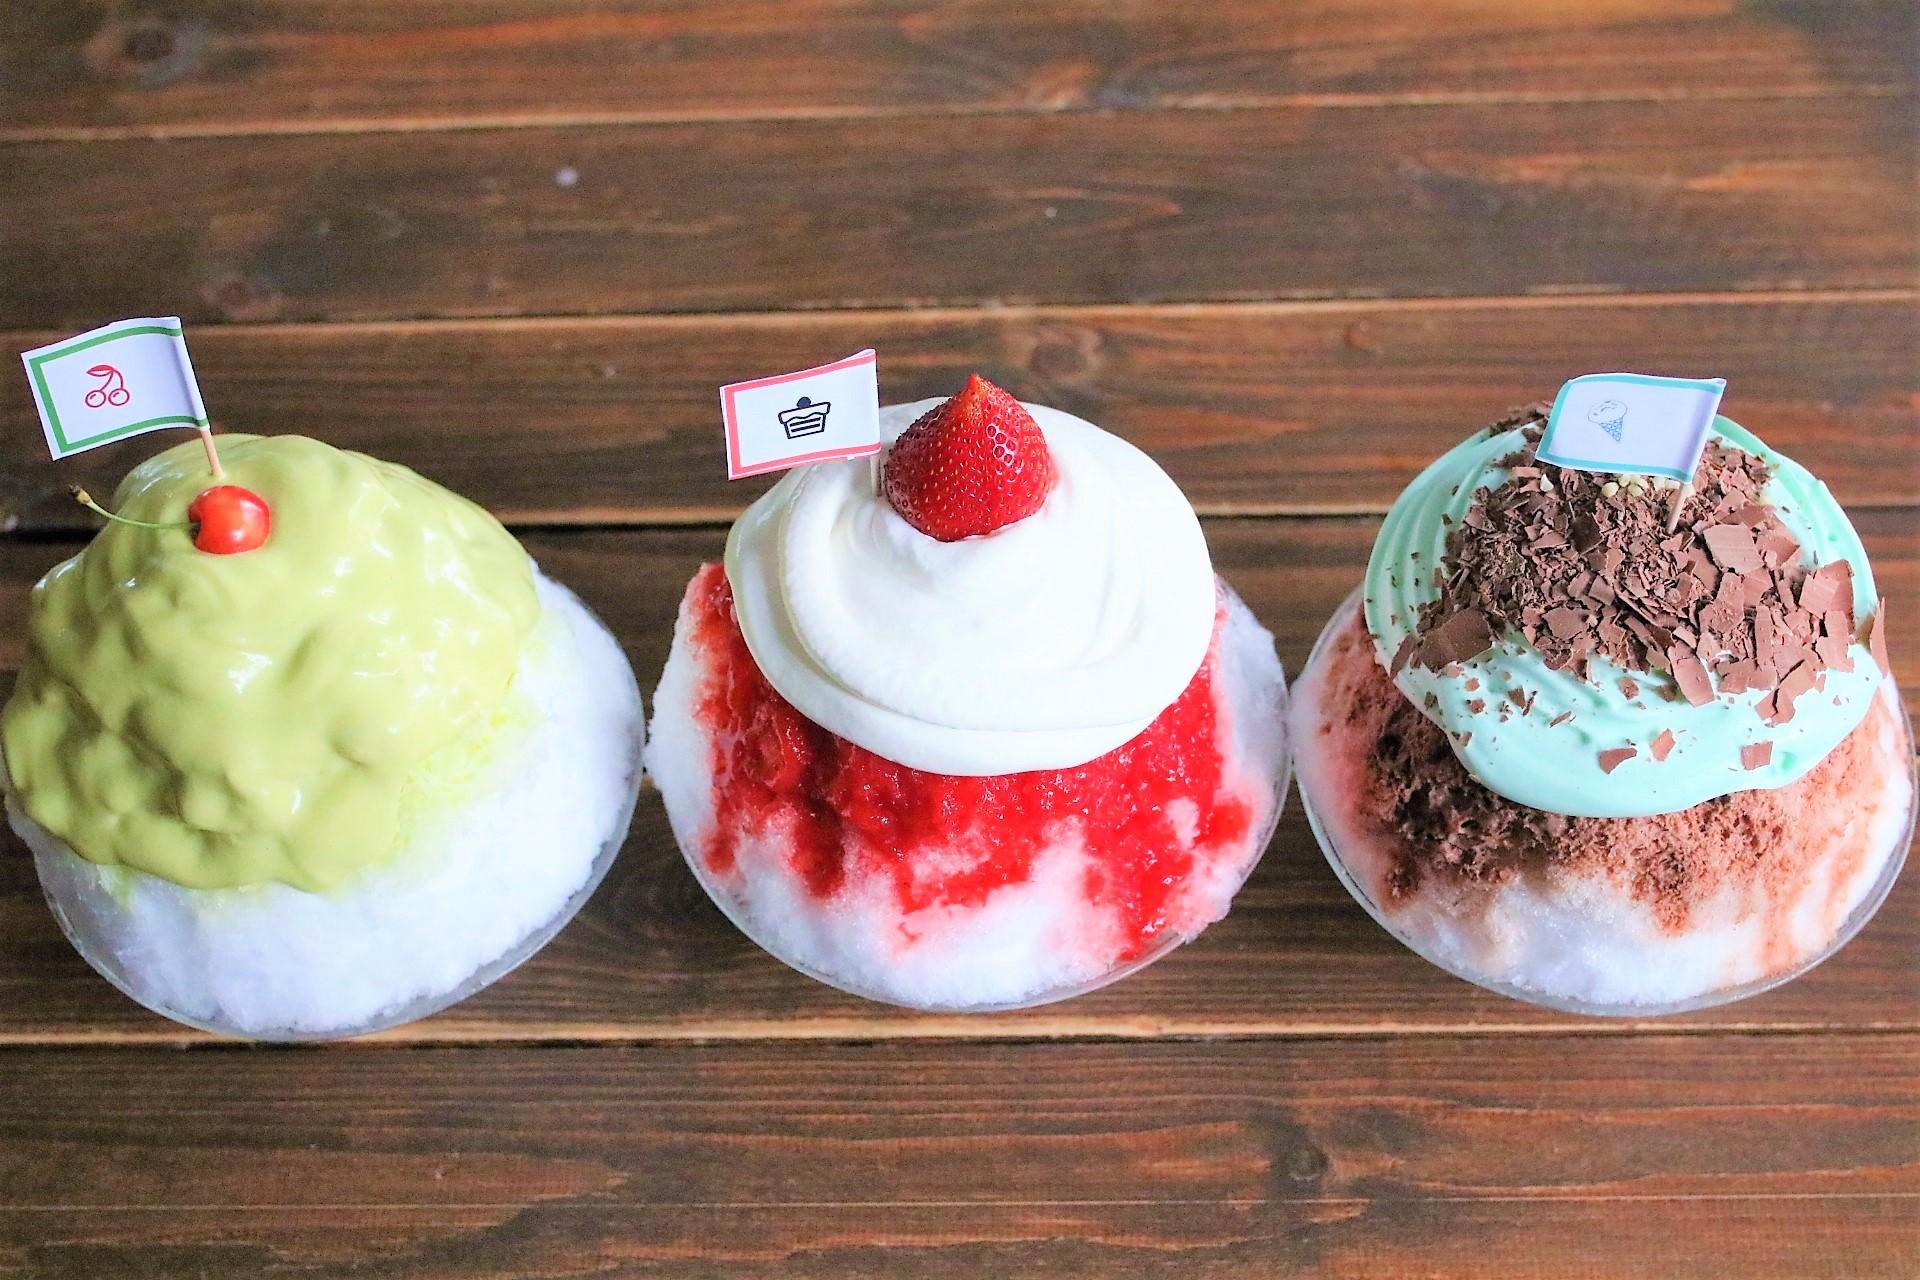 サカノウエカフェ かき氷3種類